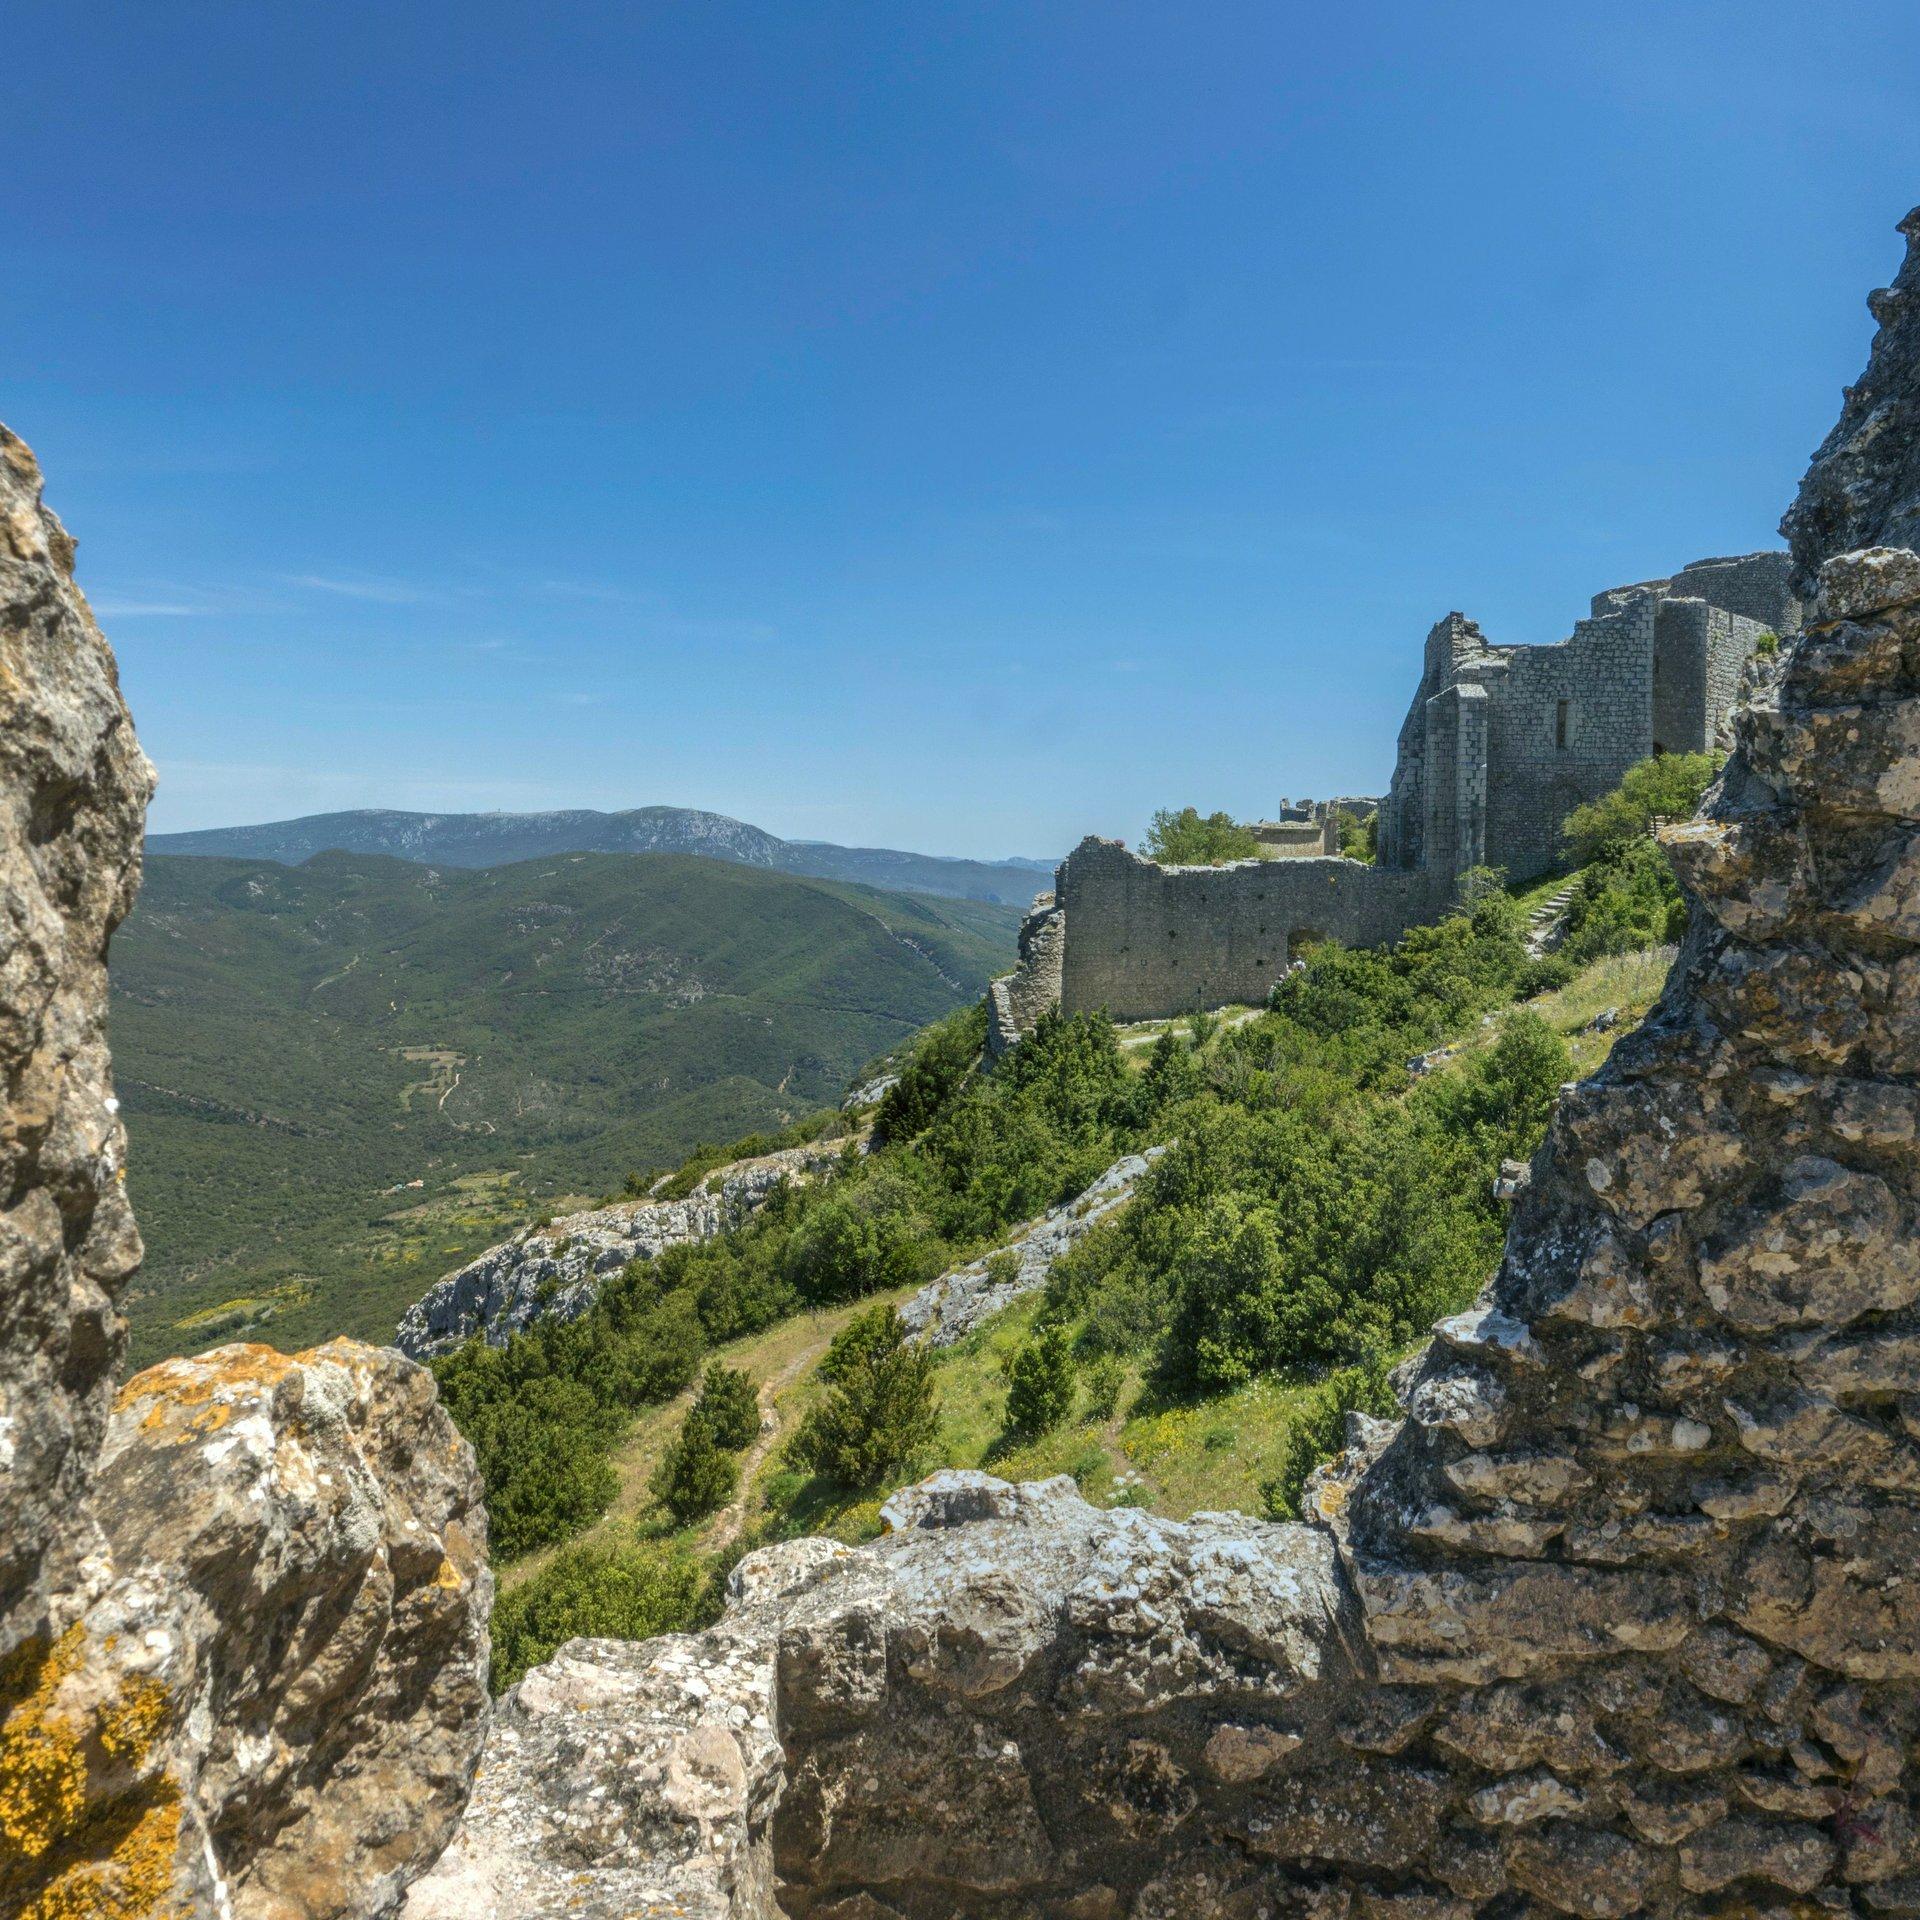 Blick auf die untere Burg vom Château de Peyrepertuse